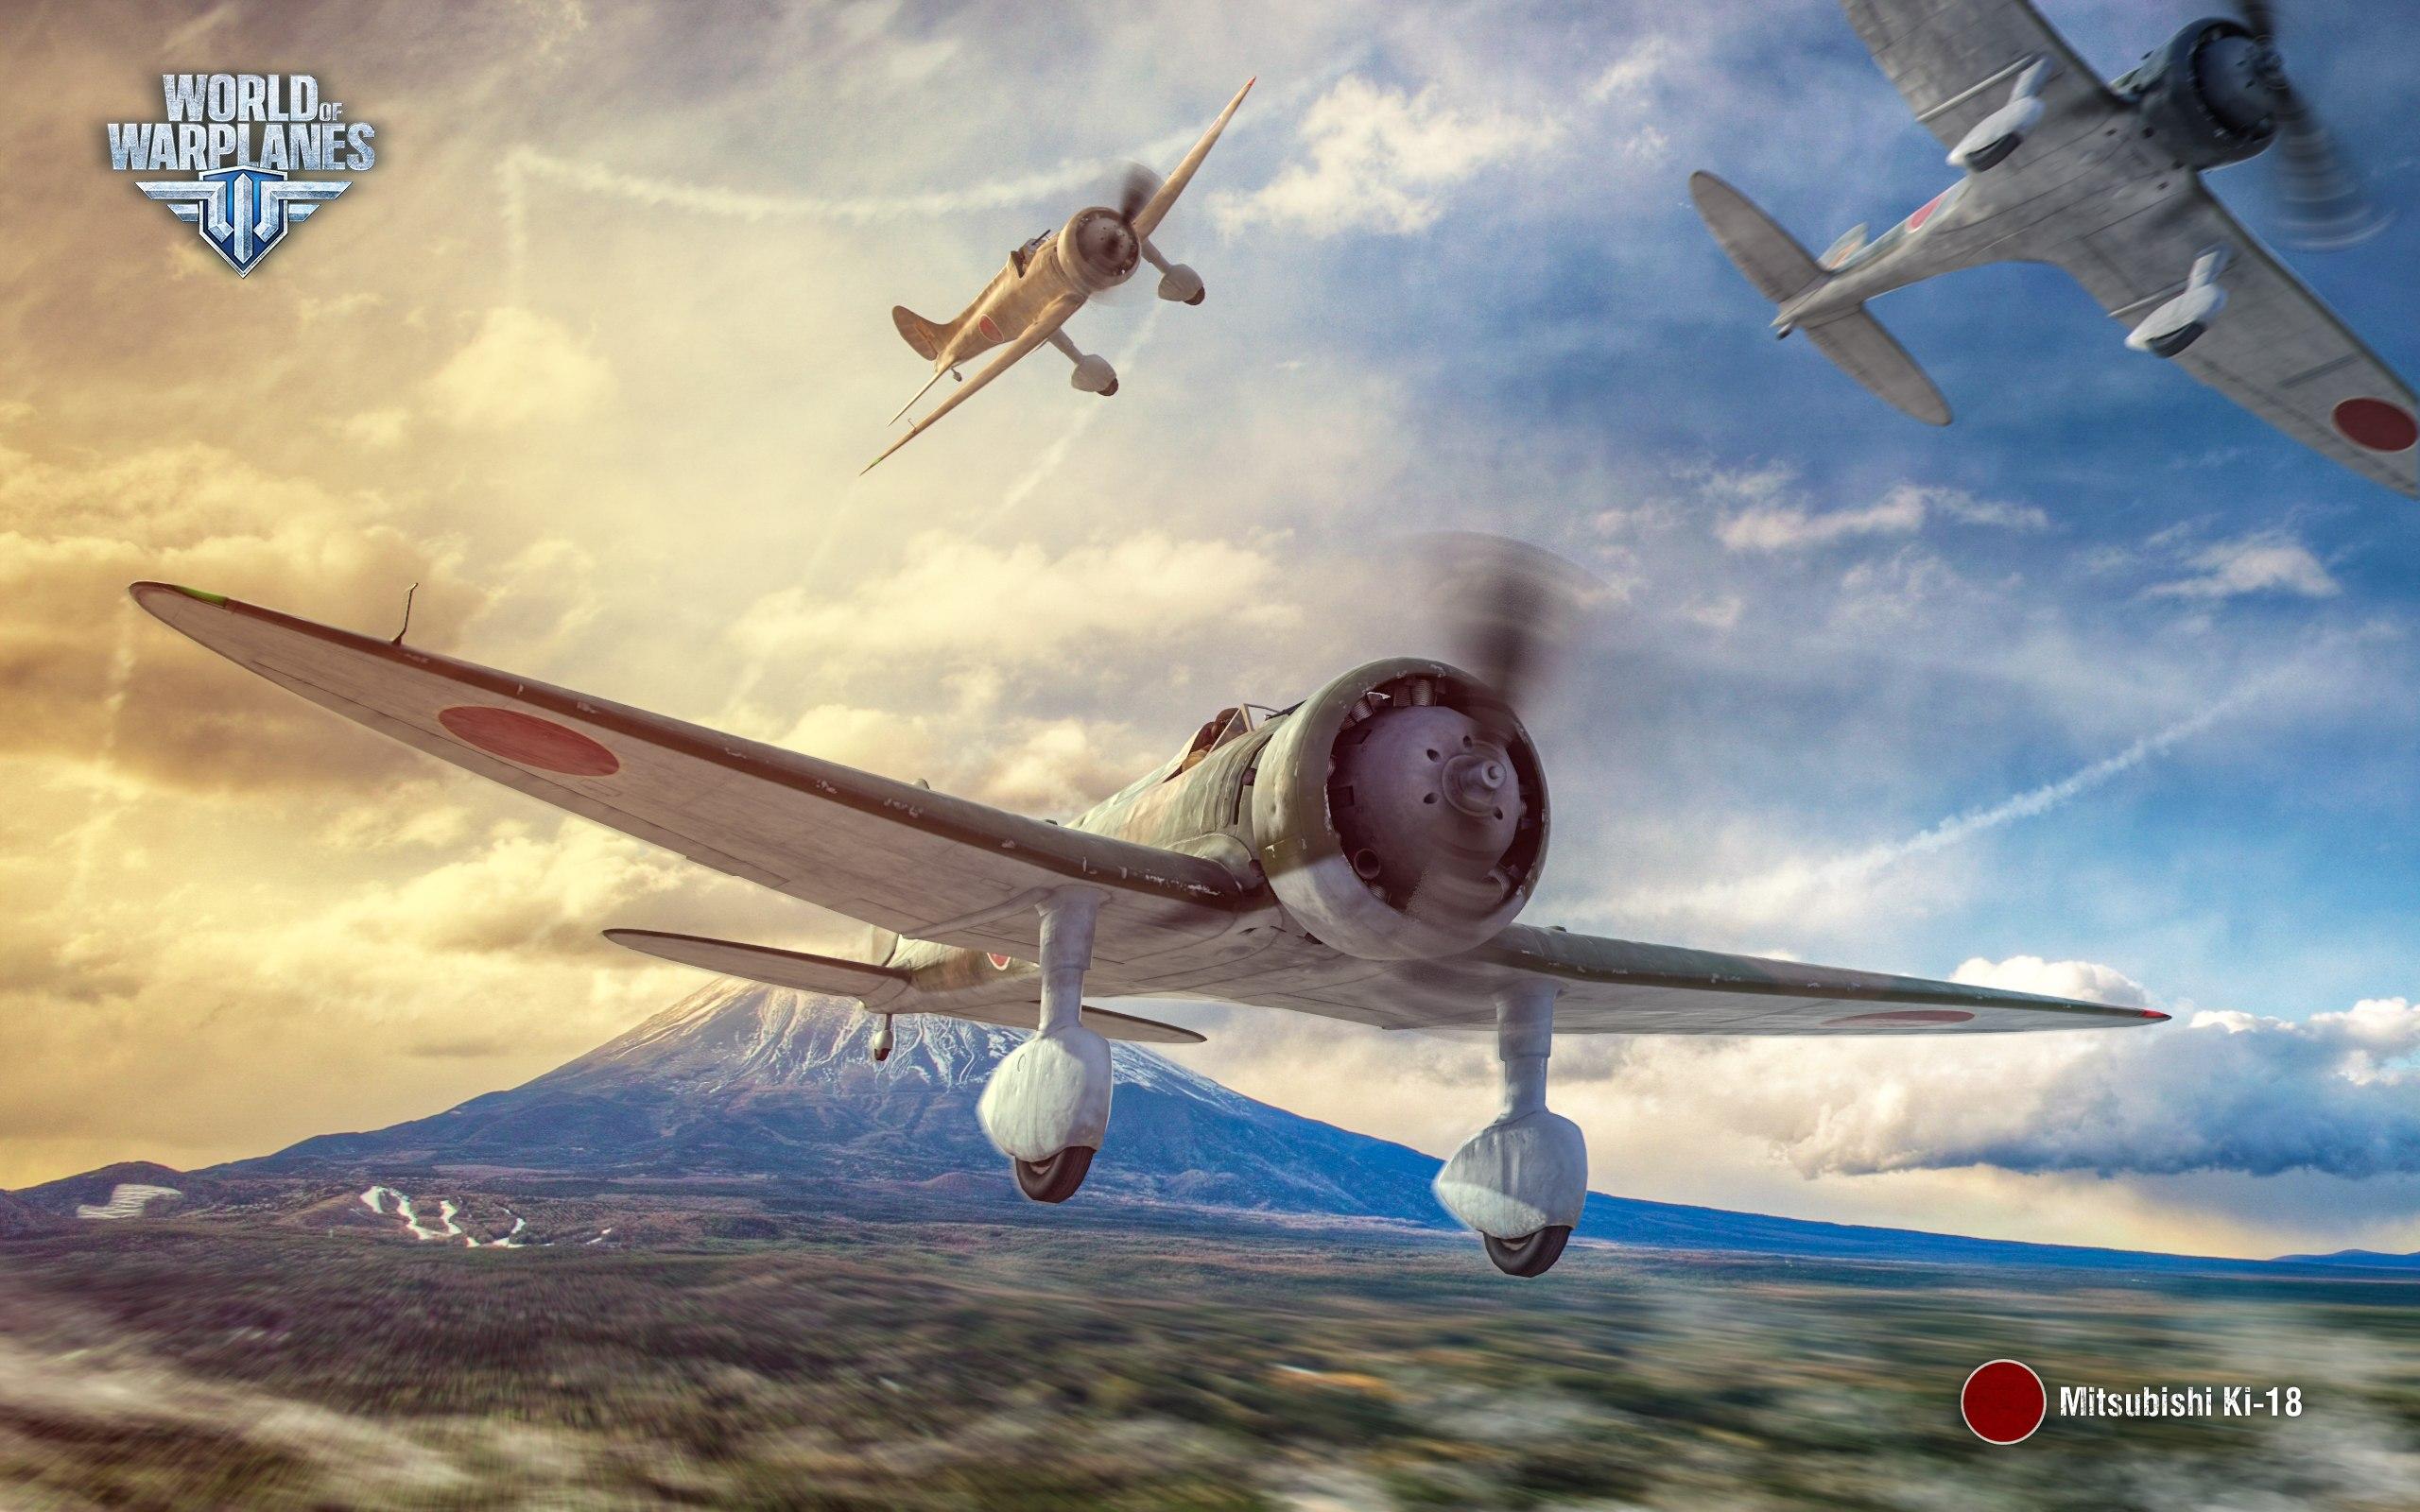 рисунок Ki-18